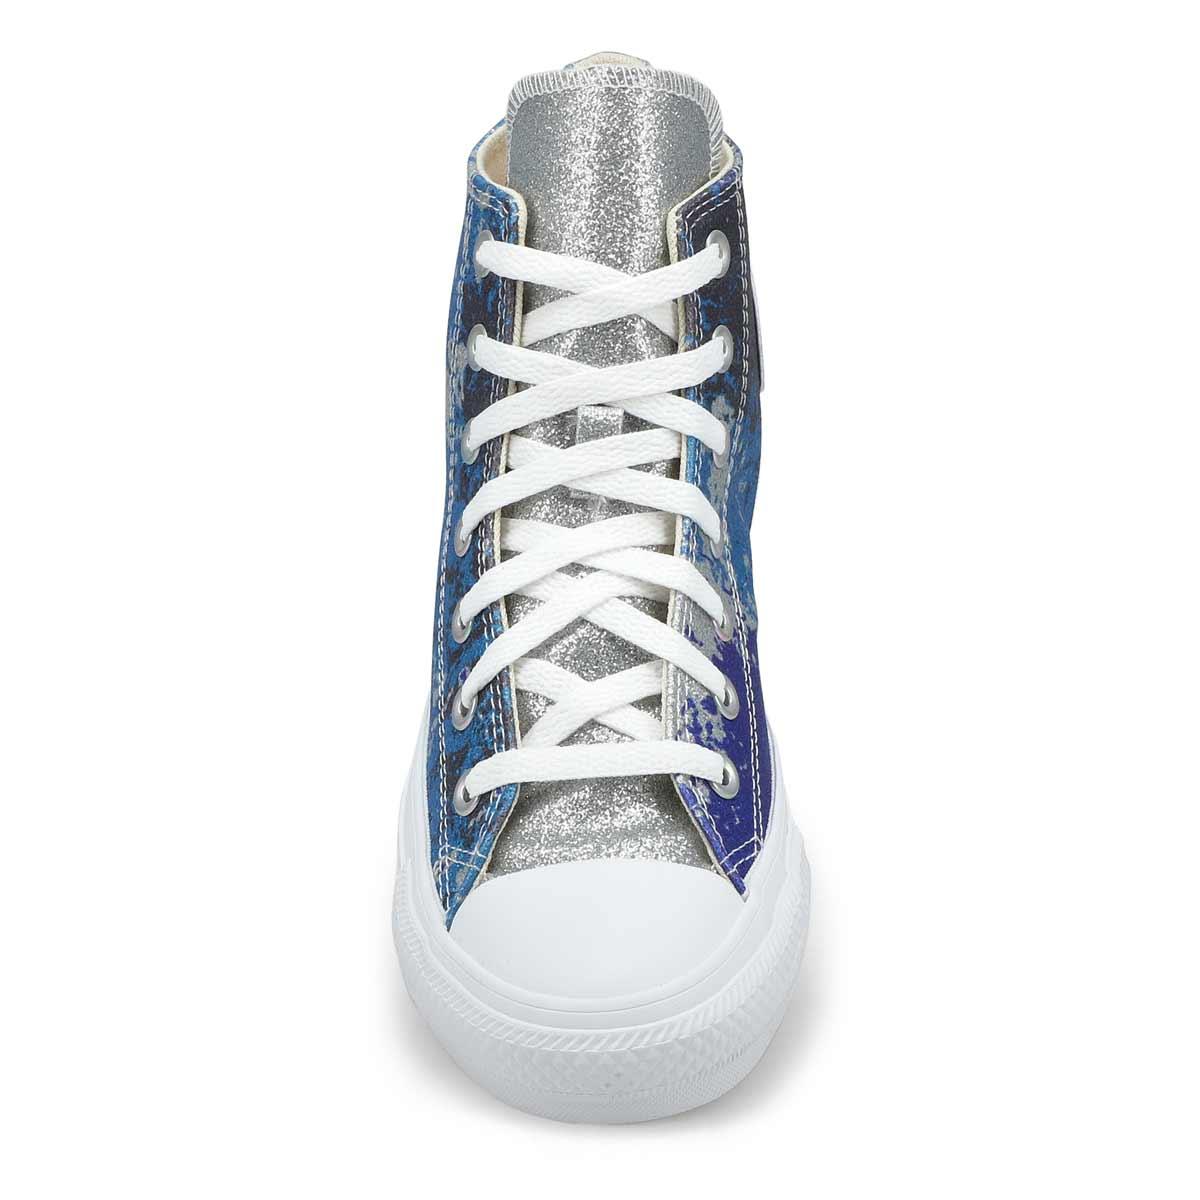 Women's All Star Shimmer and Shine Hi Sneaker